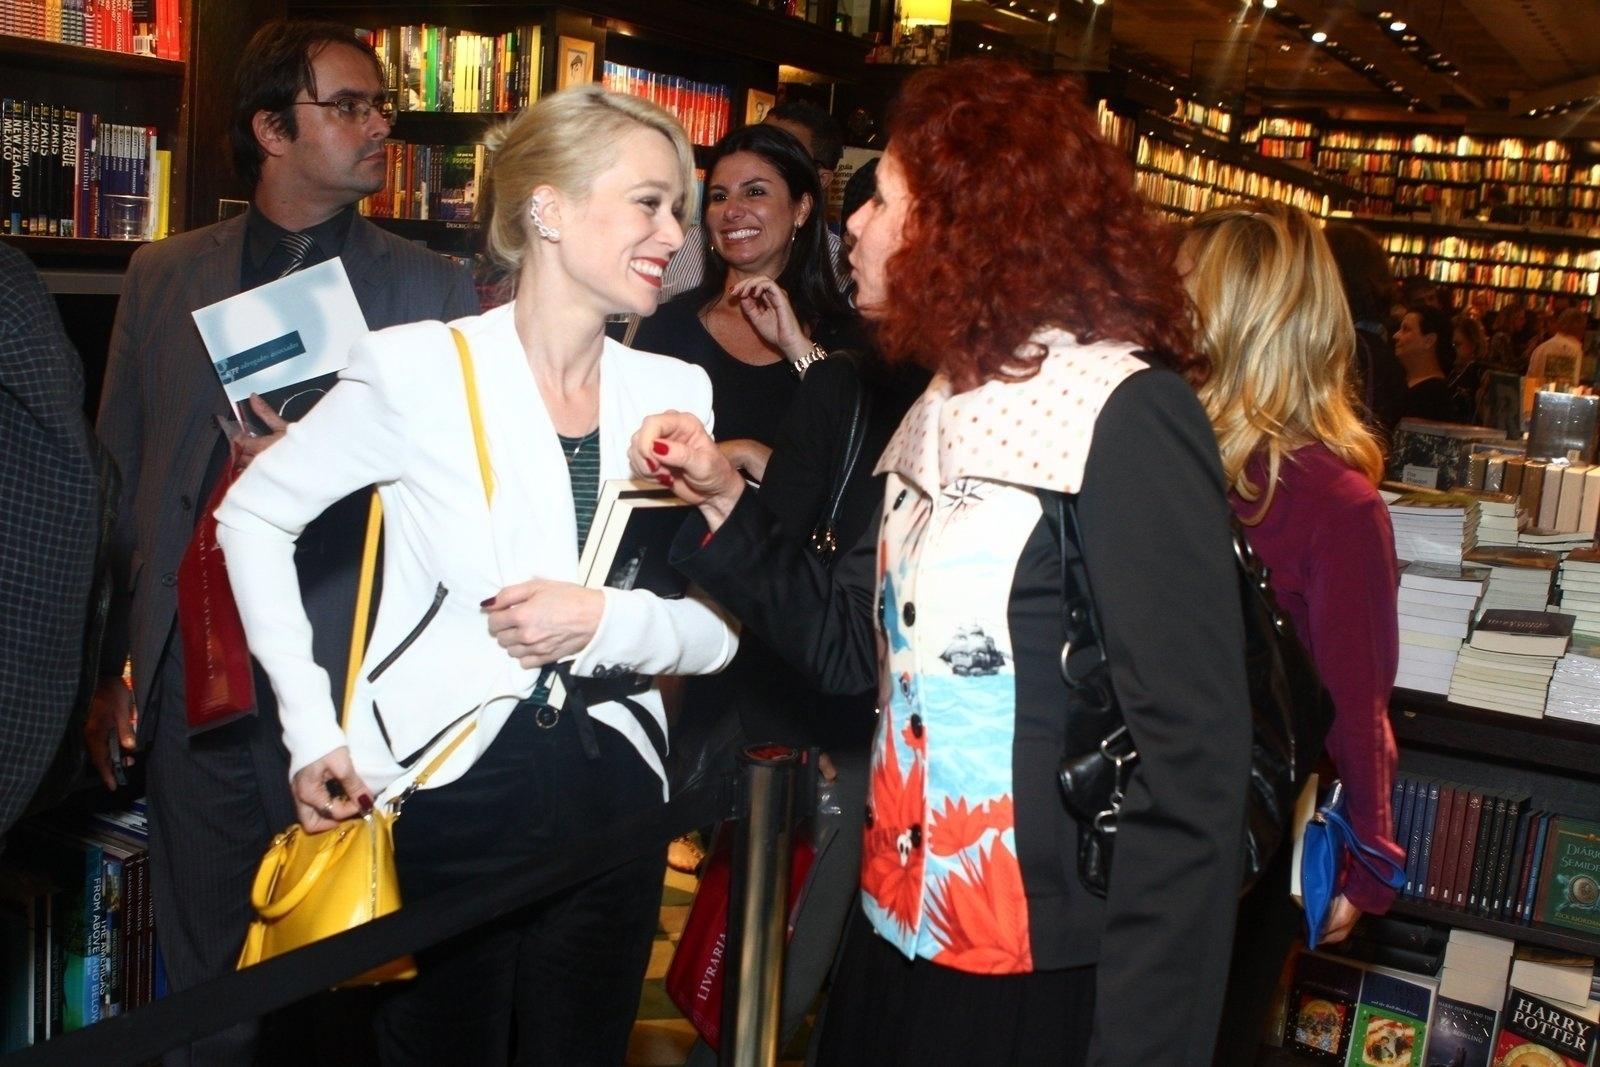 5.ago.2013 - Mariana Ximenes conversa com a jornalista Leilane Neubarth na sessão de autógrafos do livro